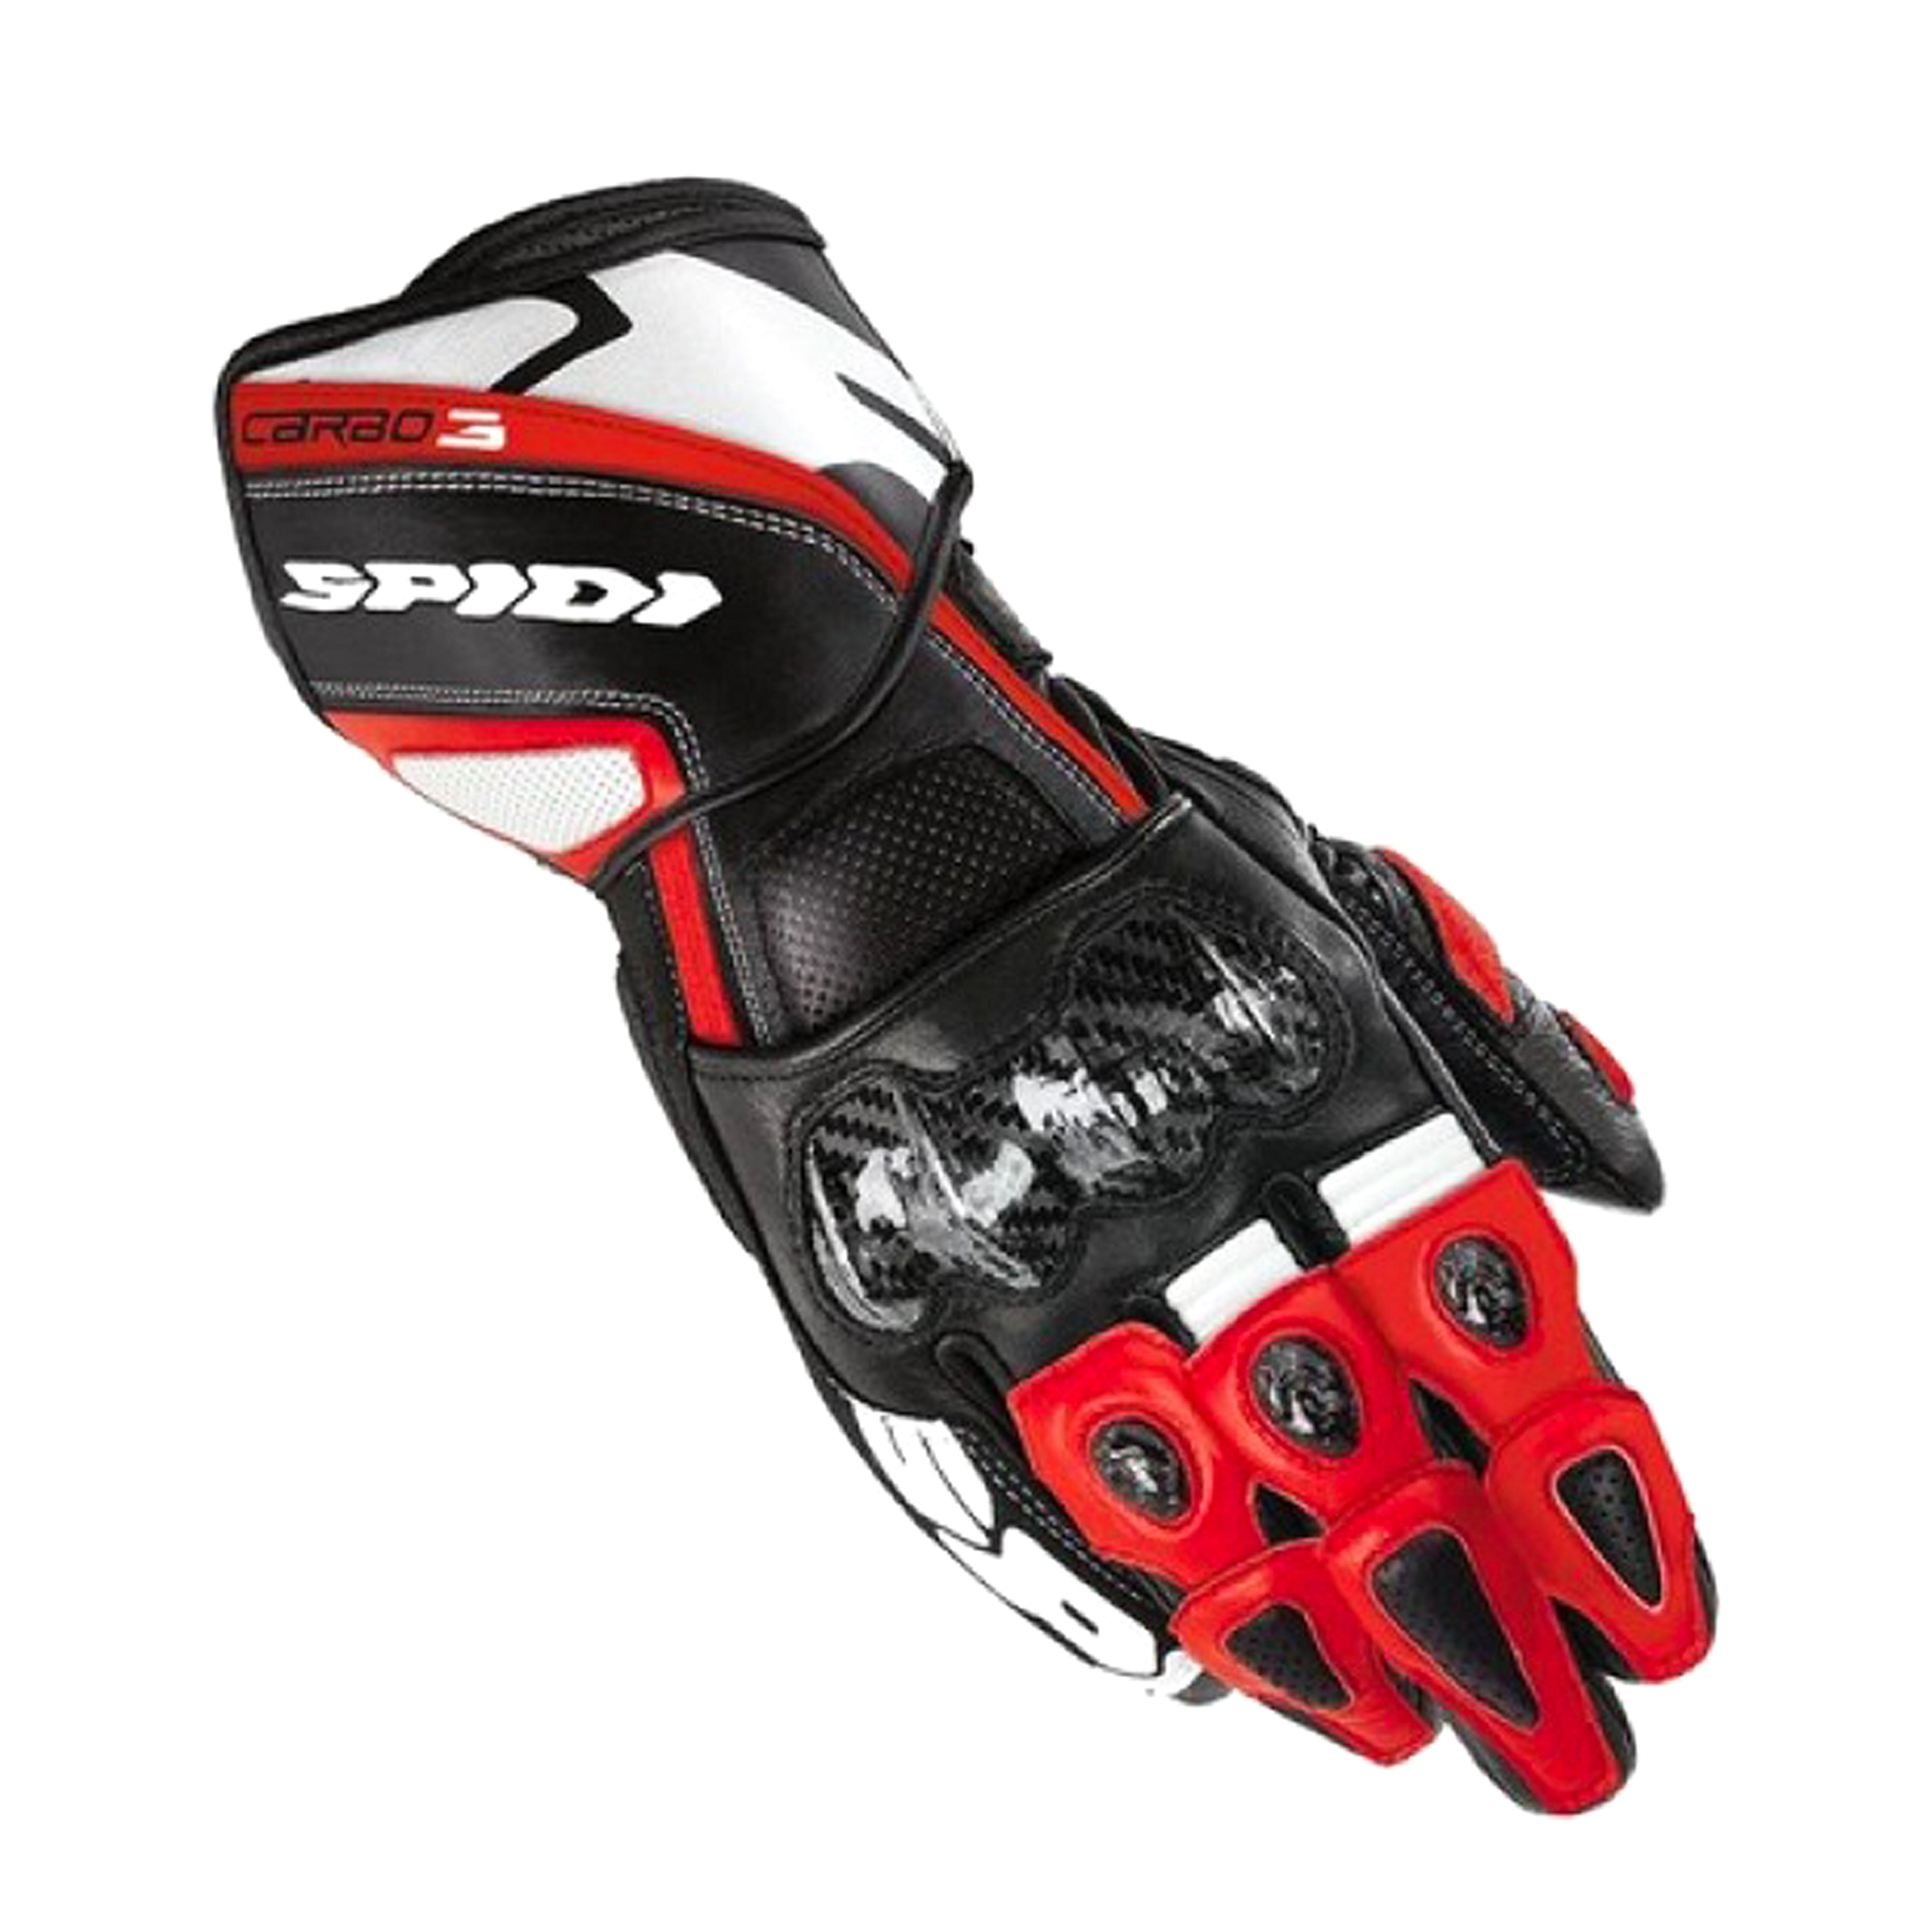 SPIDI CARBO 3 LEATHR - BLACK/RED